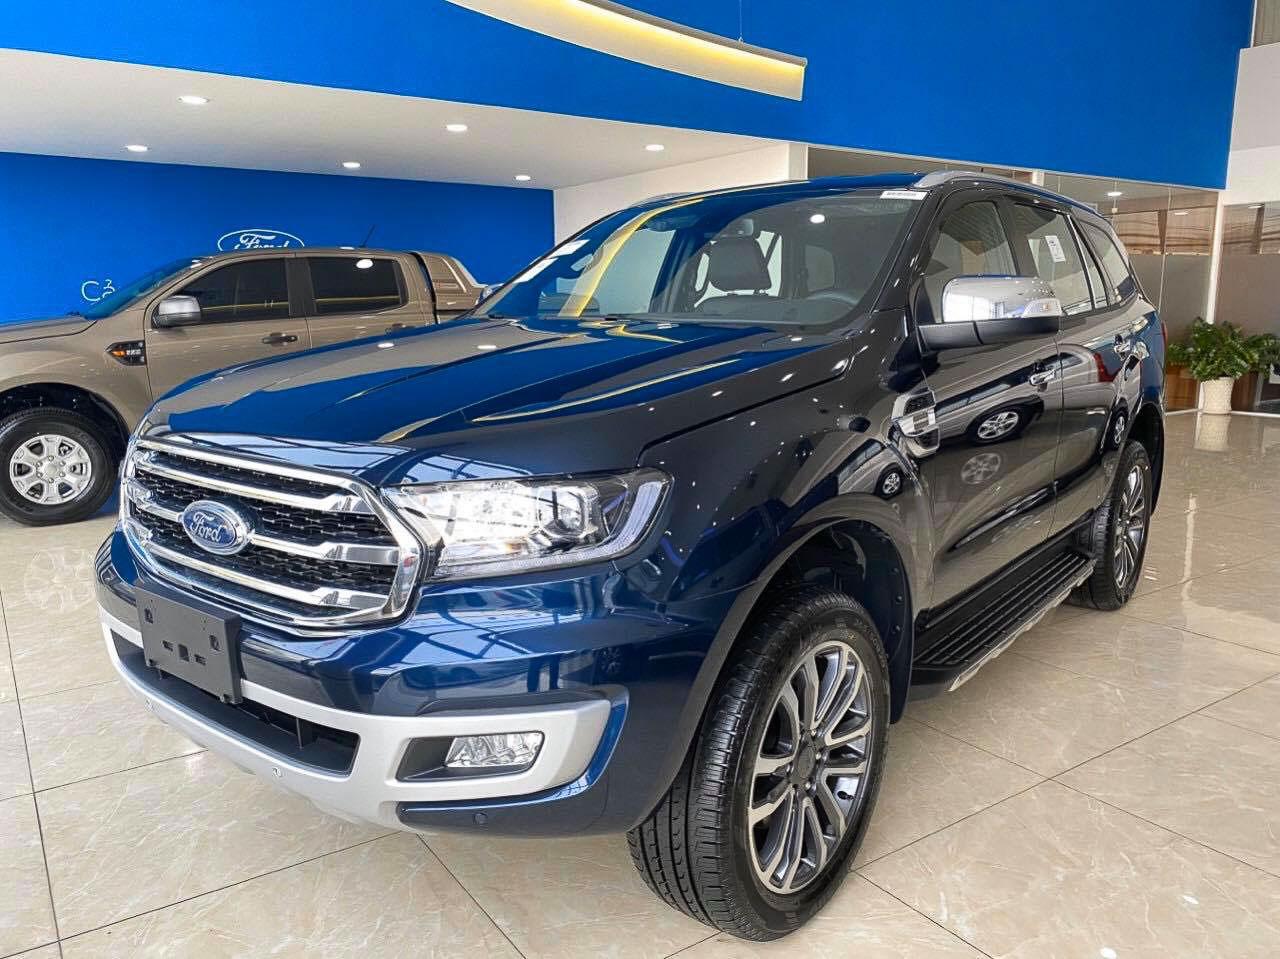 Ford Everest 2020 được nâng cấp, giá gần 1,2 tỷ đồng tại Việt Nam - 1